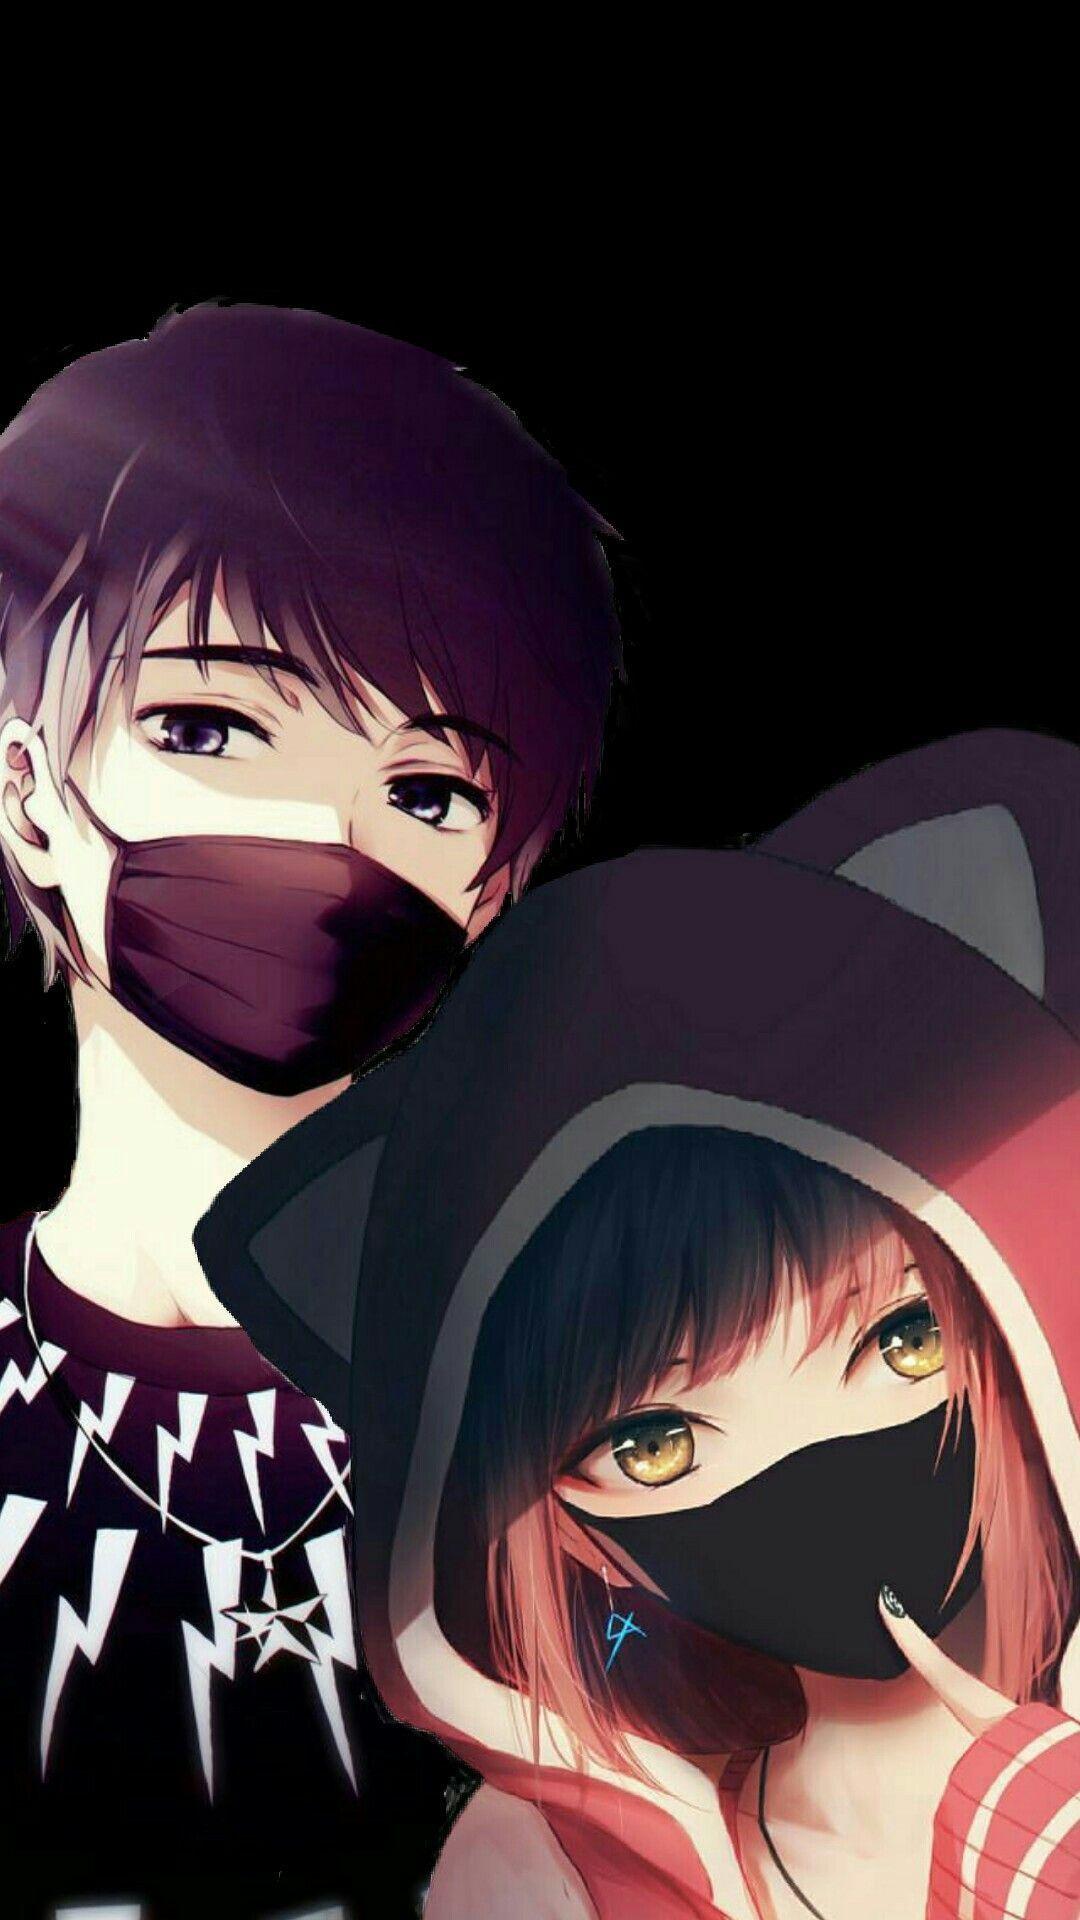 Своими, прикольные картинки для аватарок мальчик и девочка аниме